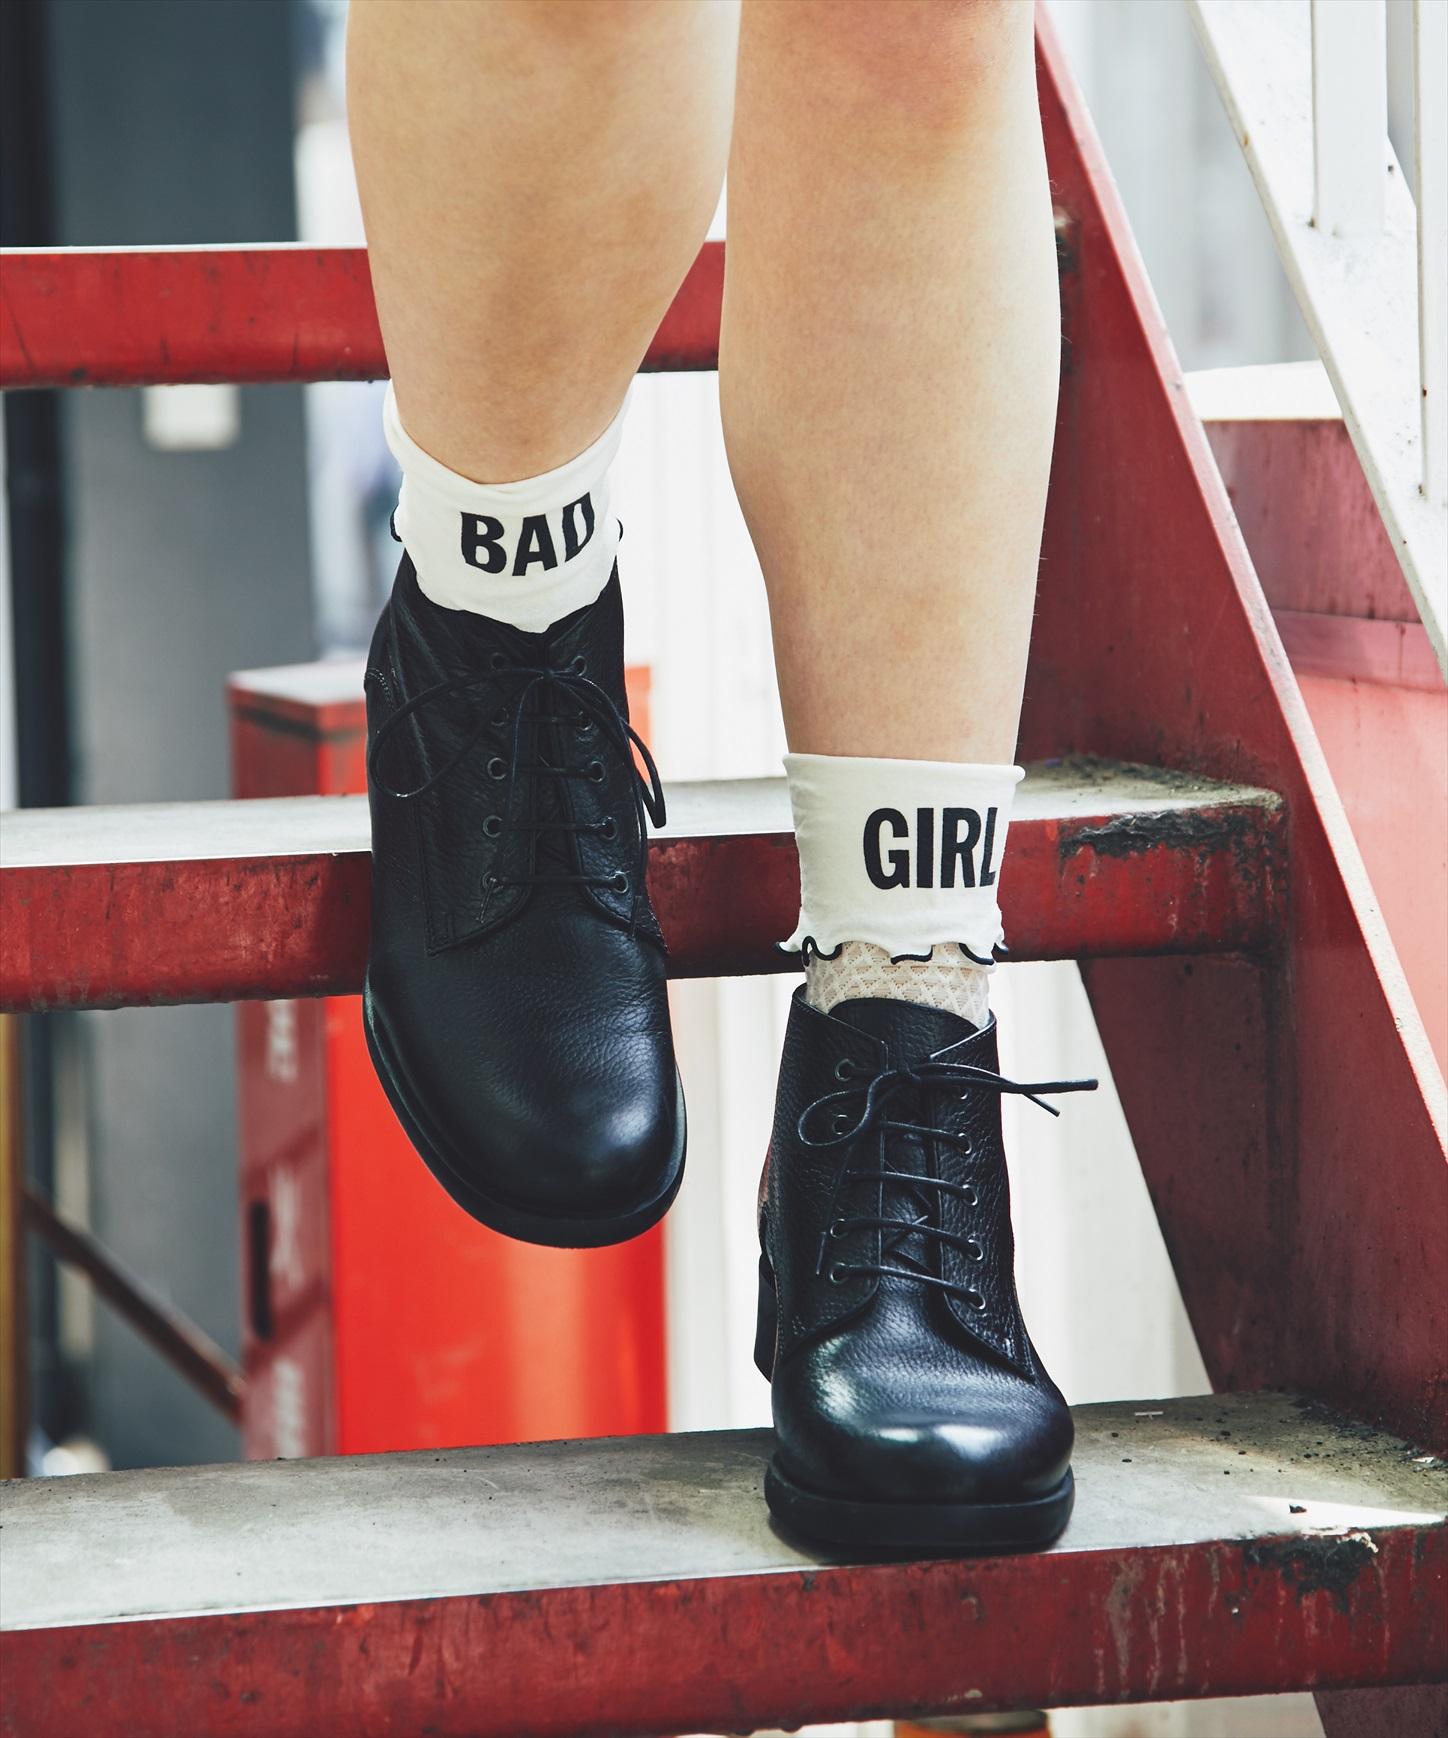 BAD GIRL MESH ソックス